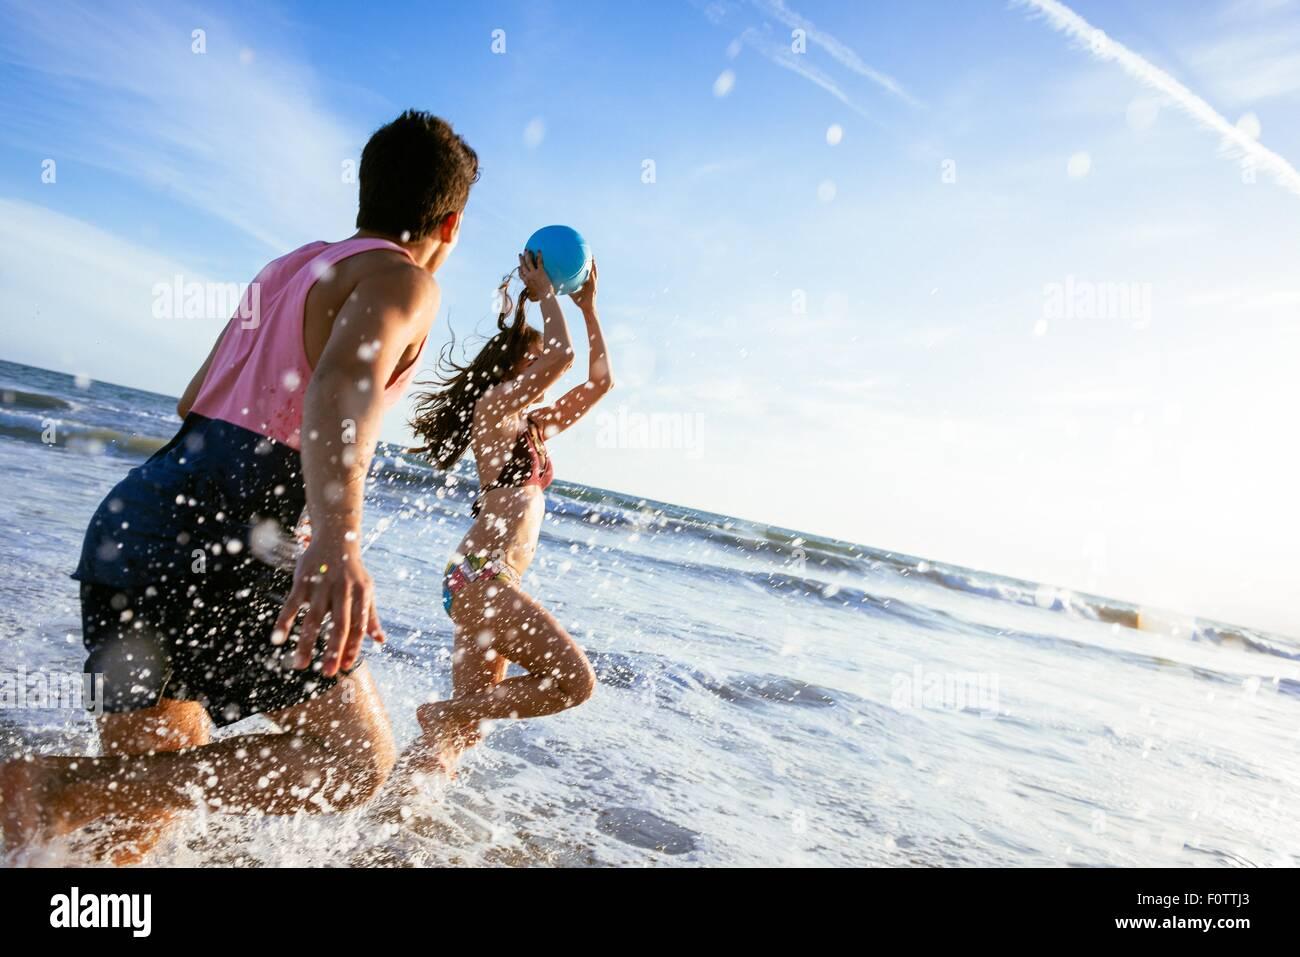 Pareja joven jugando en el mar Imagen De Stock